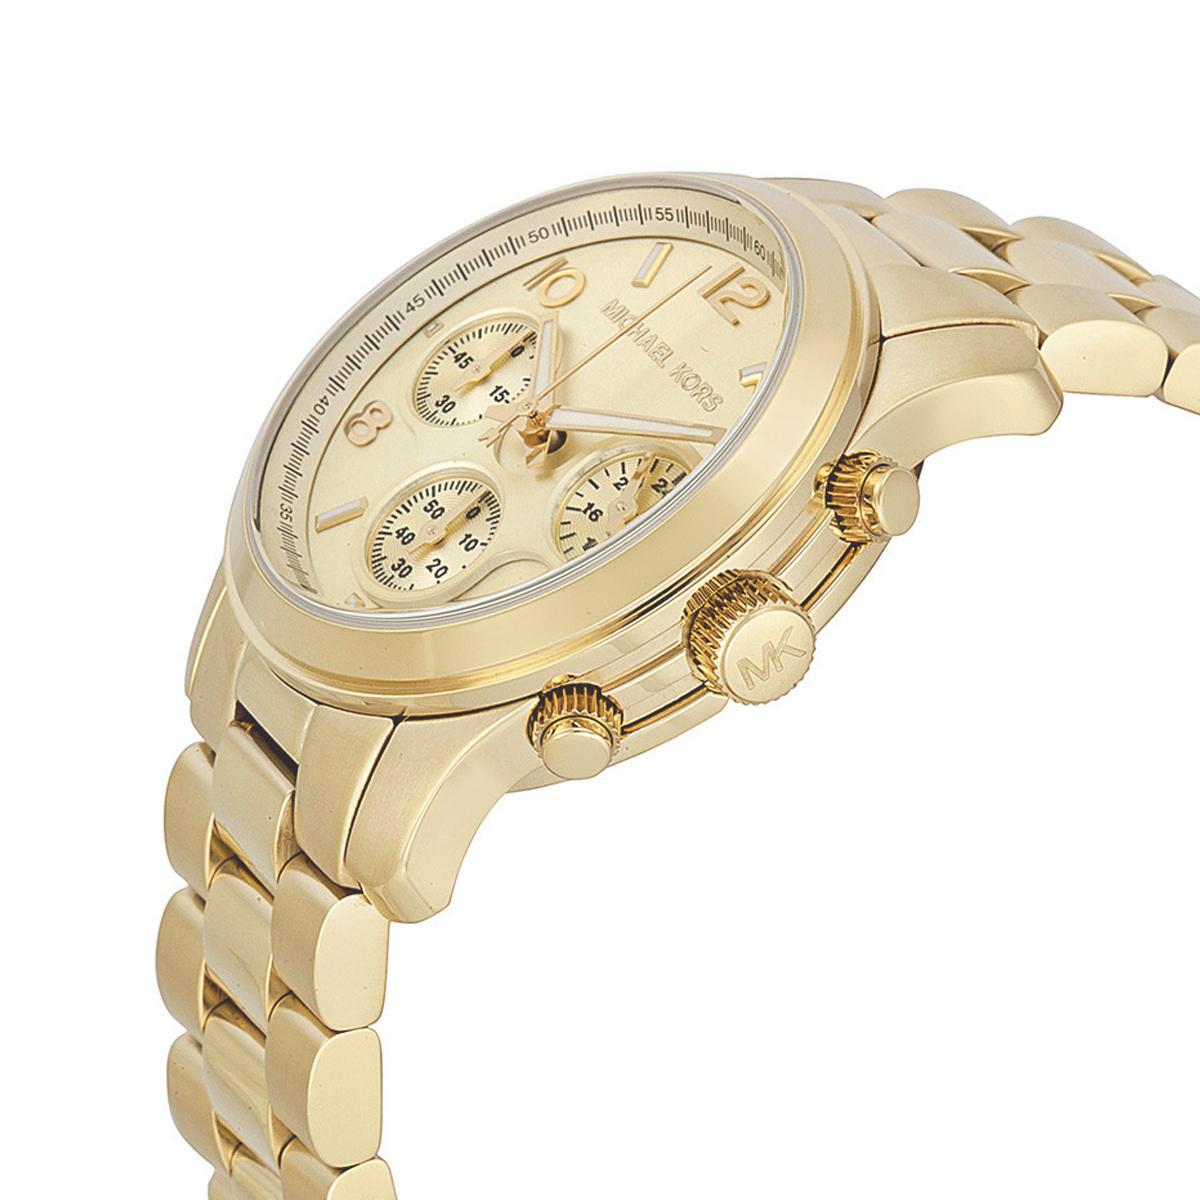 a7ffe0e7a0a75 Relogio michael kors feminino dourado mk5055 - Jjoias Produto não disponível